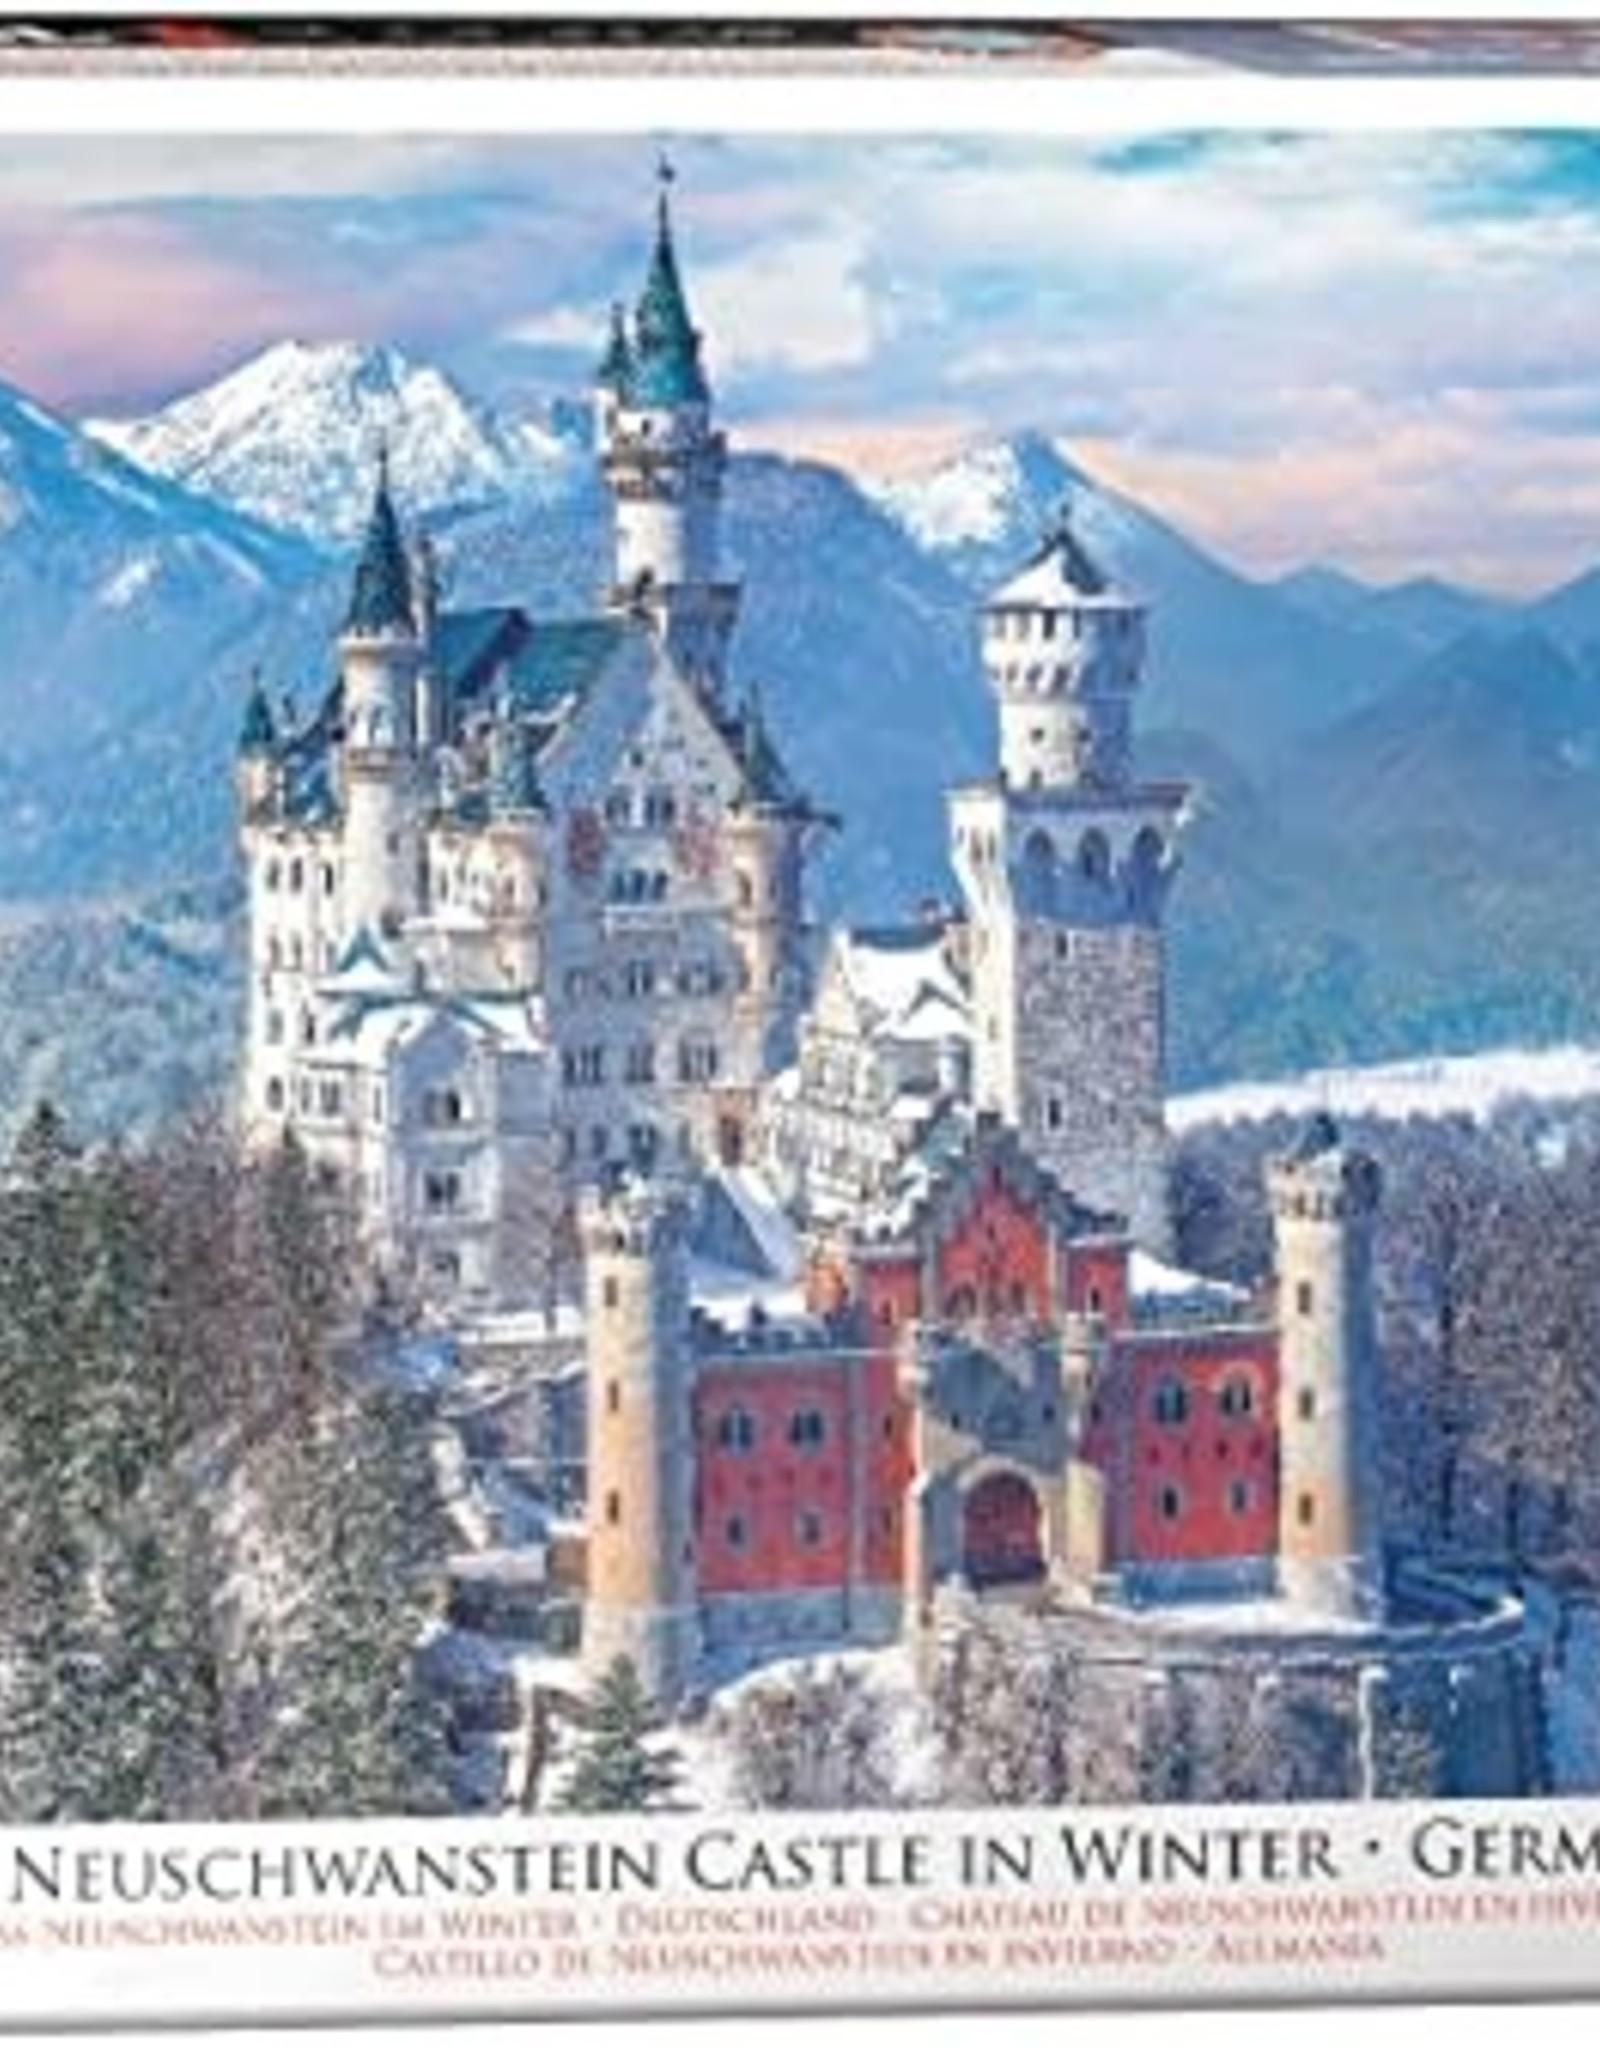 Eurographics Neuschwanstein in Winter 1000pc